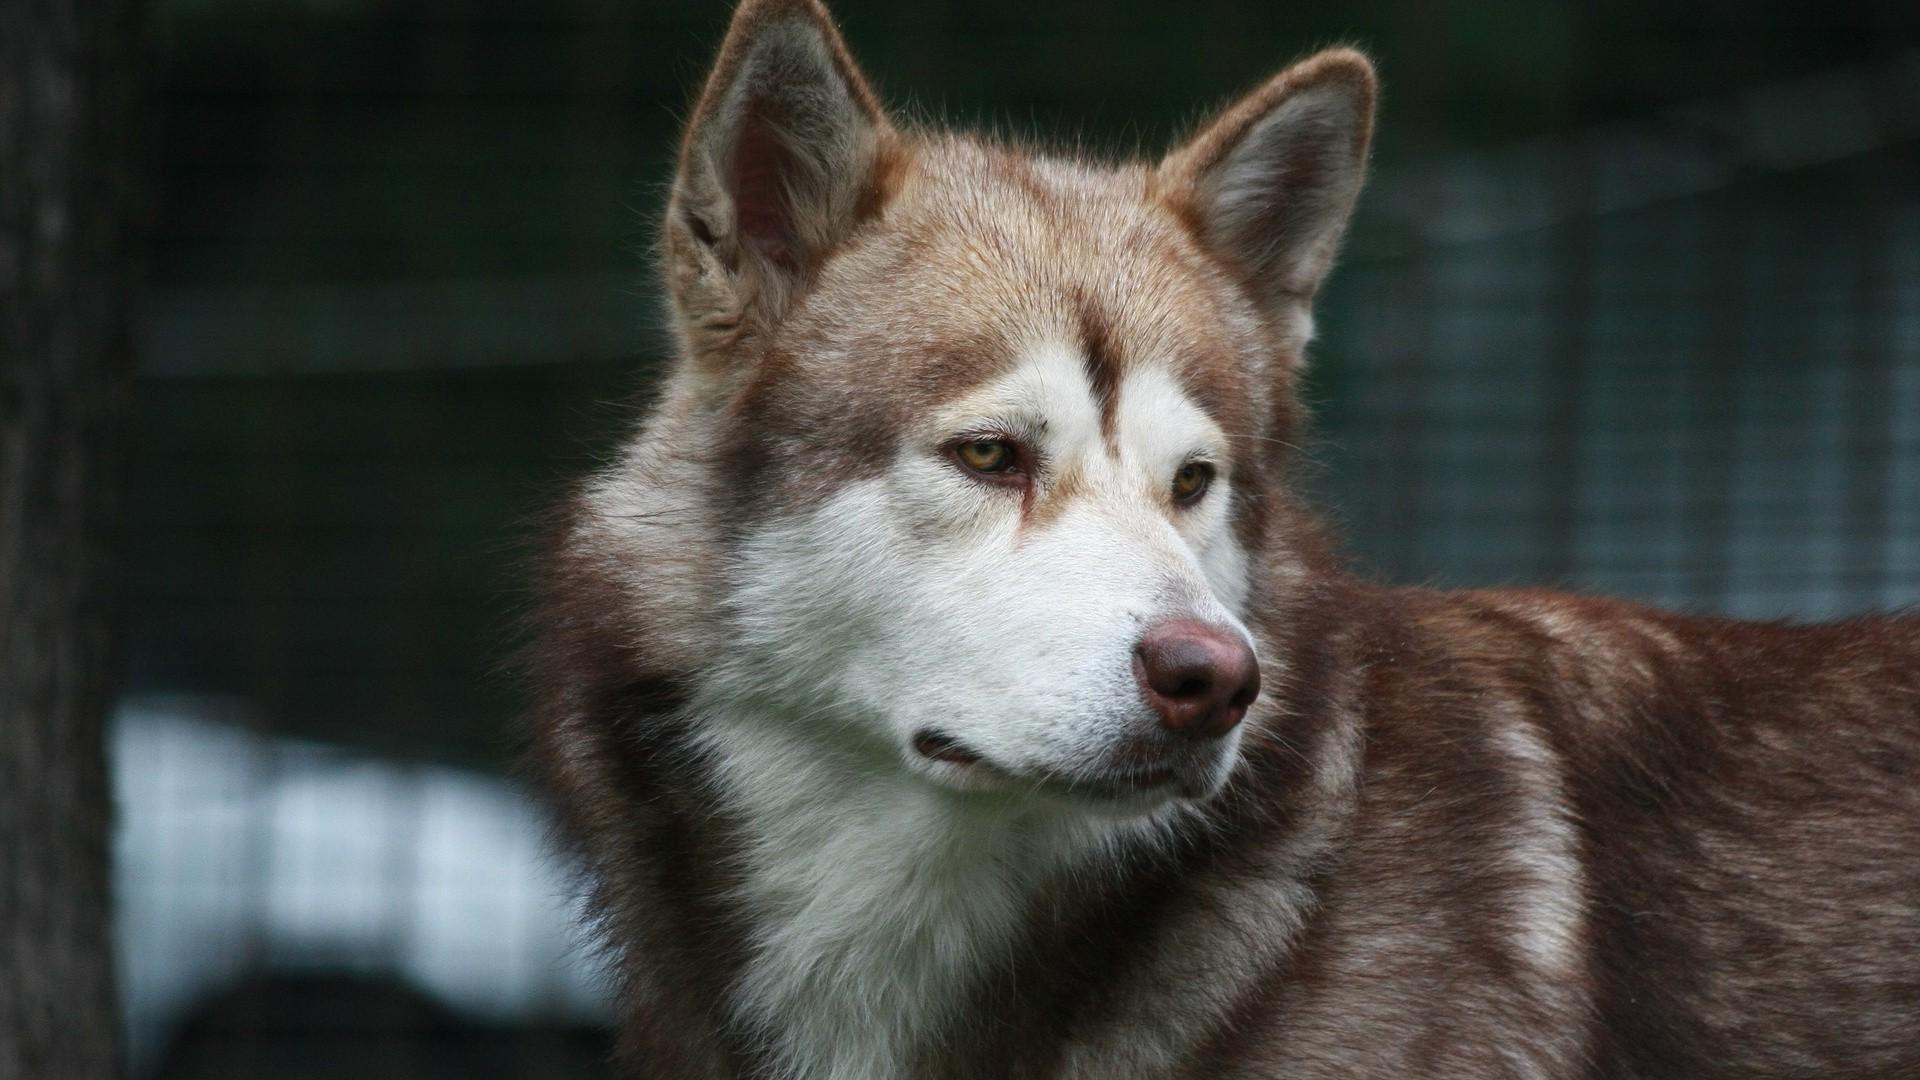 1080 Huky Puppies: Tapety : Pes, Vlk, Sibiřský Husky, 1920x1080 Px